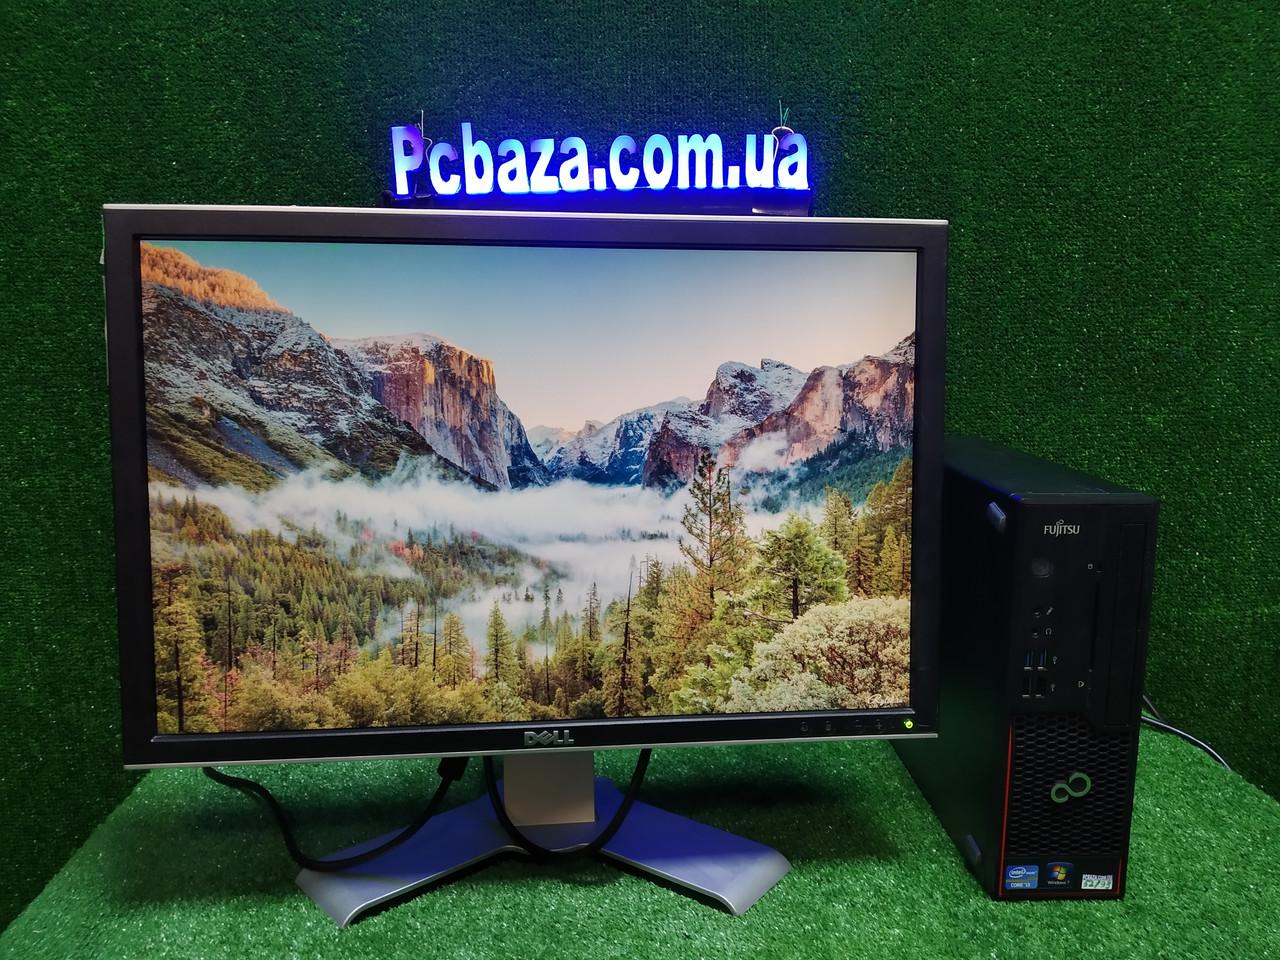 """ПК +монитор 22"""", i3-3220 3.3, 4 ГБ, 500 Гб, 2xCOM, 10 USB, USB 3.0 Настроен. Германия!"""